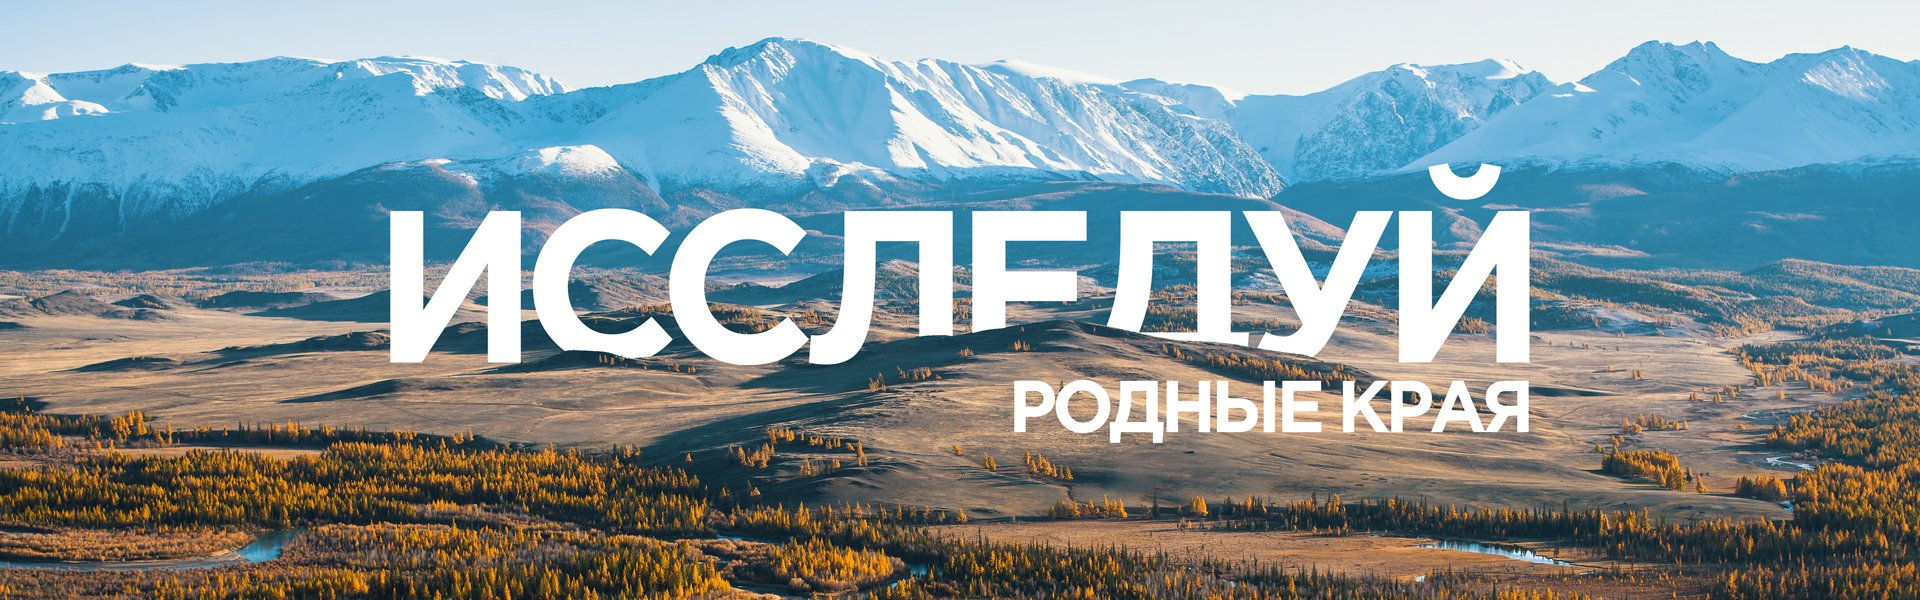 Автобусные туры по России из Ростова-на-Дону